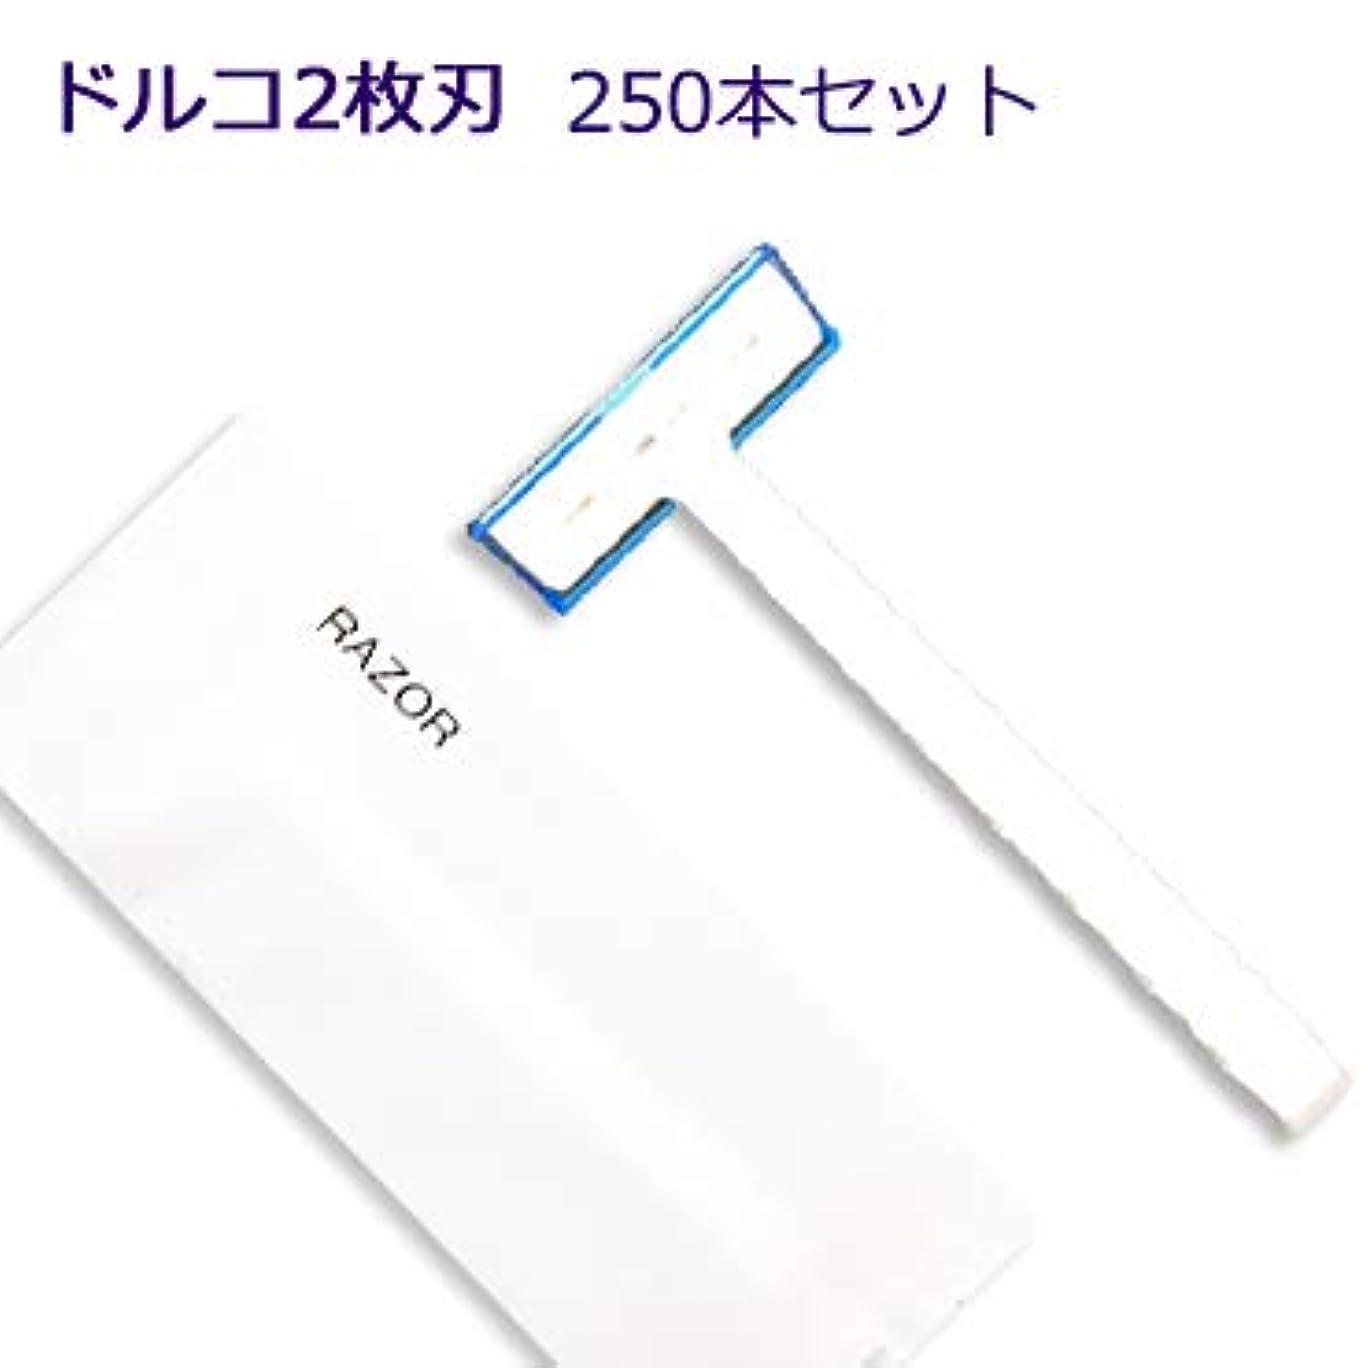 わな西部輸送ホテル業務用 カミソリ マットシリーズ ドルコ 2枚刃 (1セット250個入)